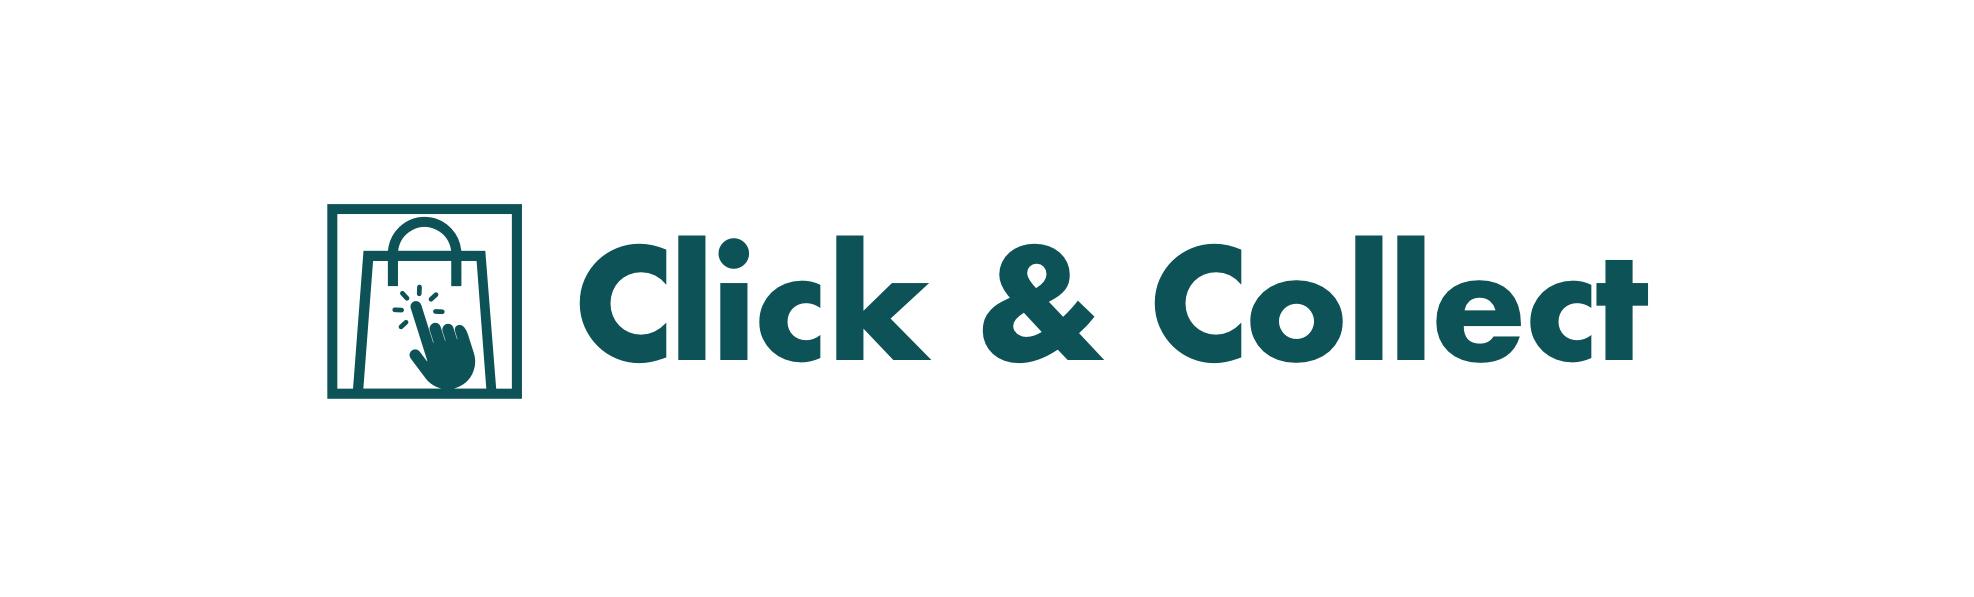 Bunnings C&C Logo.jpg